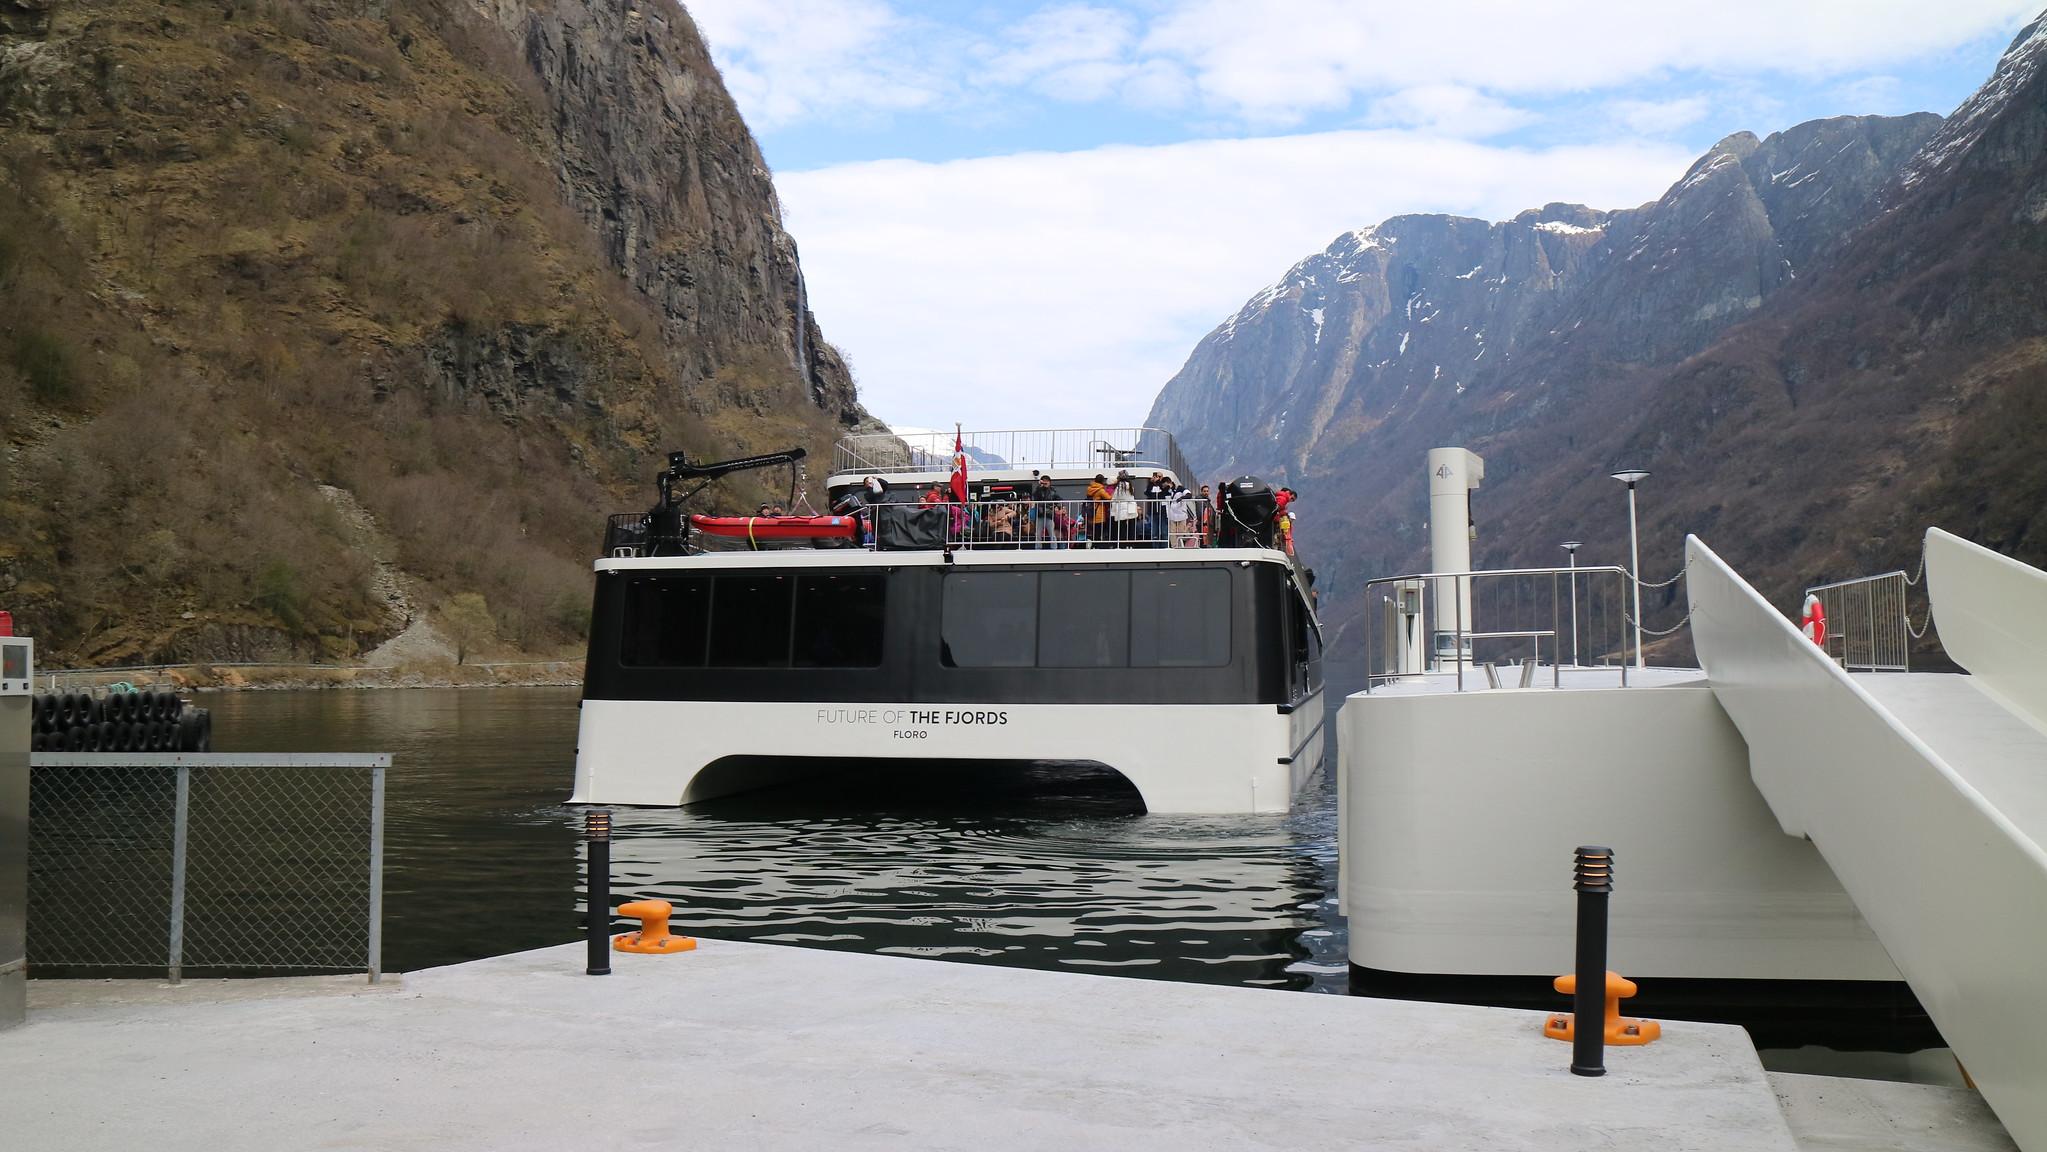 Norge Future of the fjords - resamedvetet.se